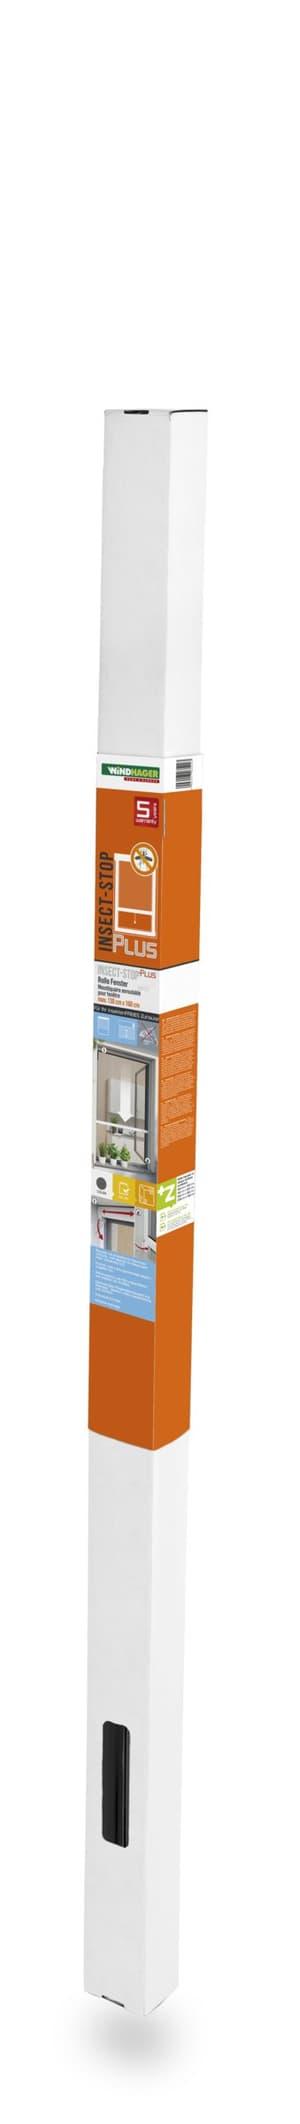 Zanzariera avvolgibile per finestra 130x160 cm, antracite